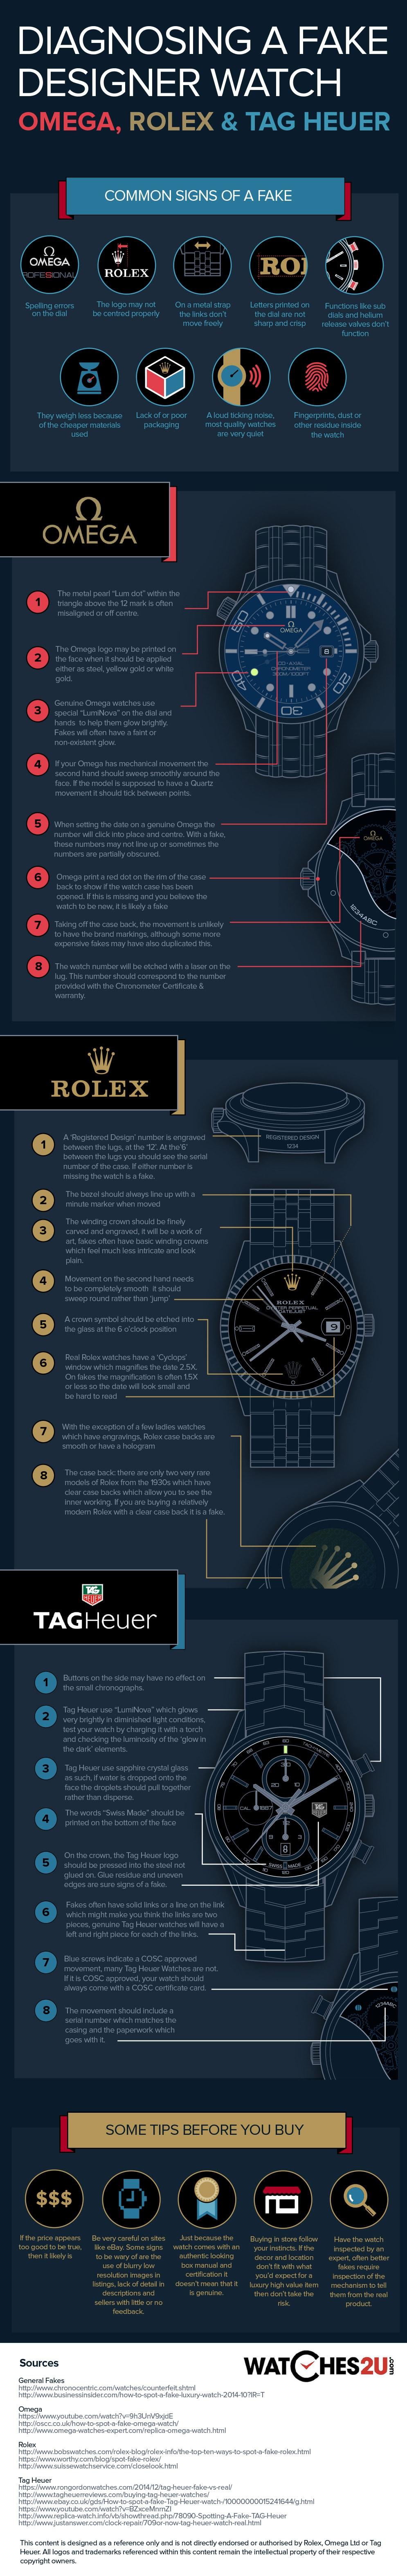 Spotting um Rolex falsificado, Omega Ou relógio Tag Heuer, Infográfico